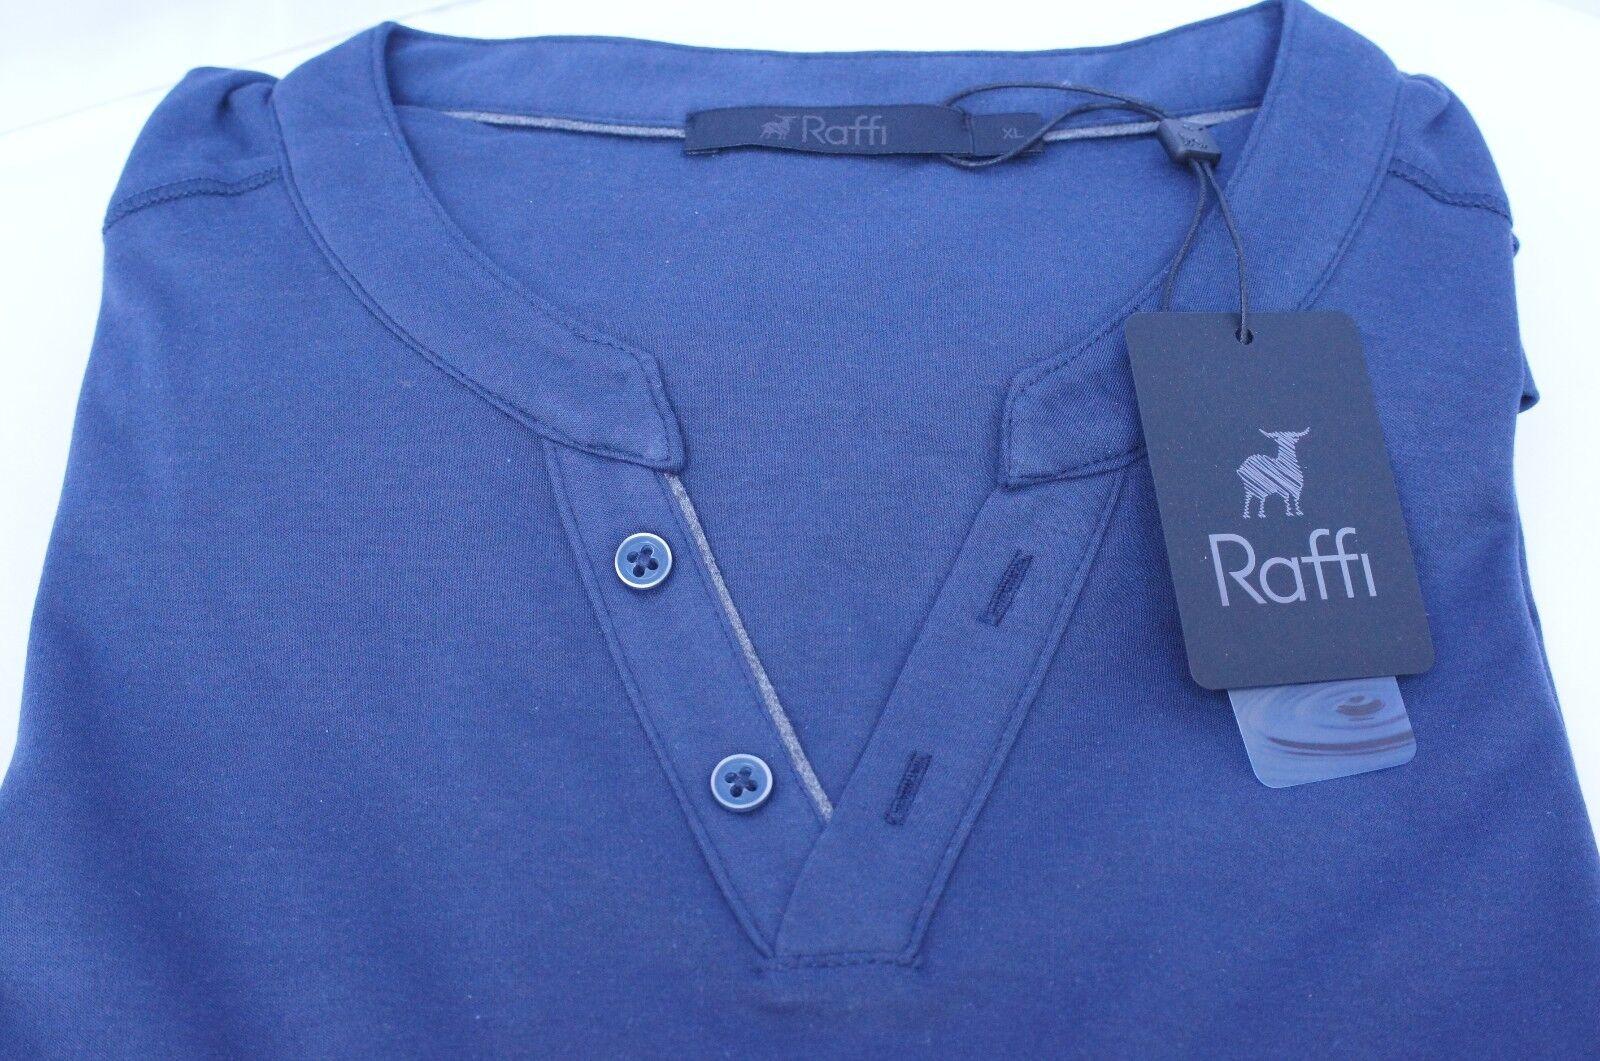 Nueva Camiseta Raffi para hombre hombre hombre de manga corta Talla L Azul Algodón 9915dc